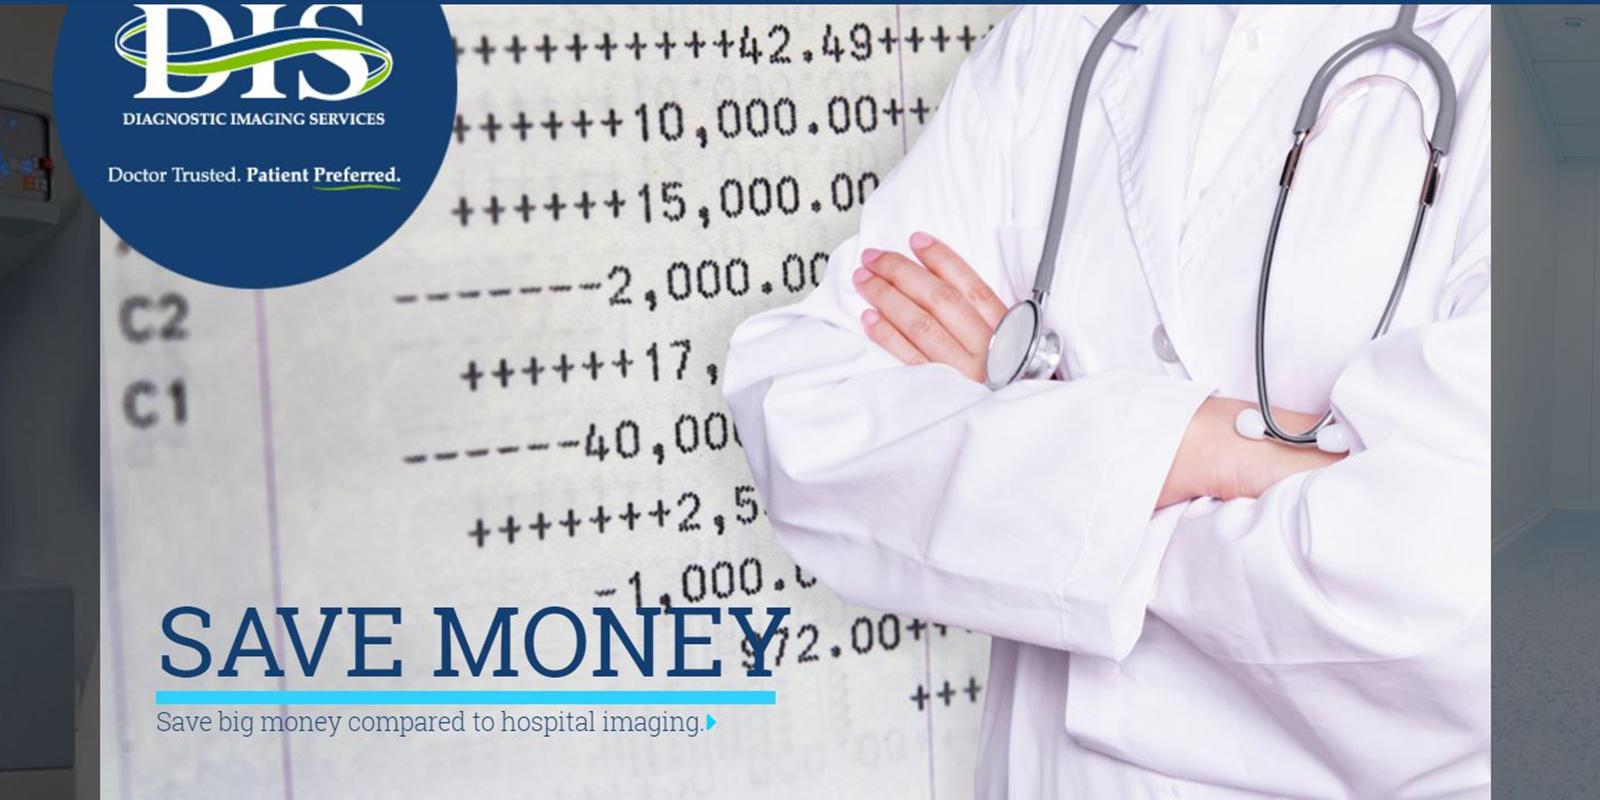 Diagnostic Imaging Services - Covington image 0